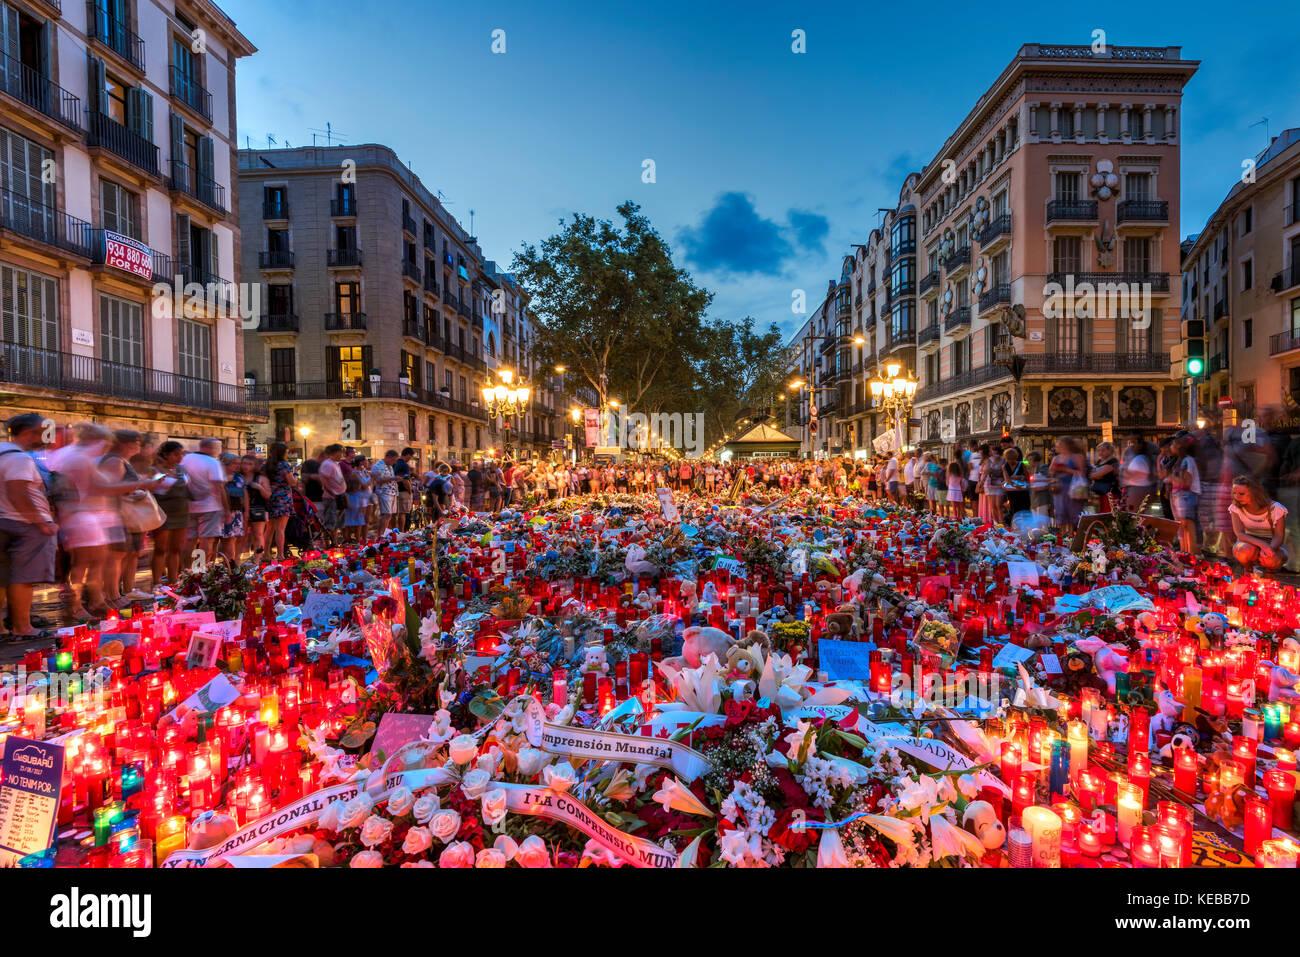 Die Menschen versammelten sich auf der Las Ramblas Fußgängerzone rund um den provisorischen Gedenkstätte für die Opfer des islamistischen Terroranschlag in Barcelona, Katalonien, Spai Stockfoto